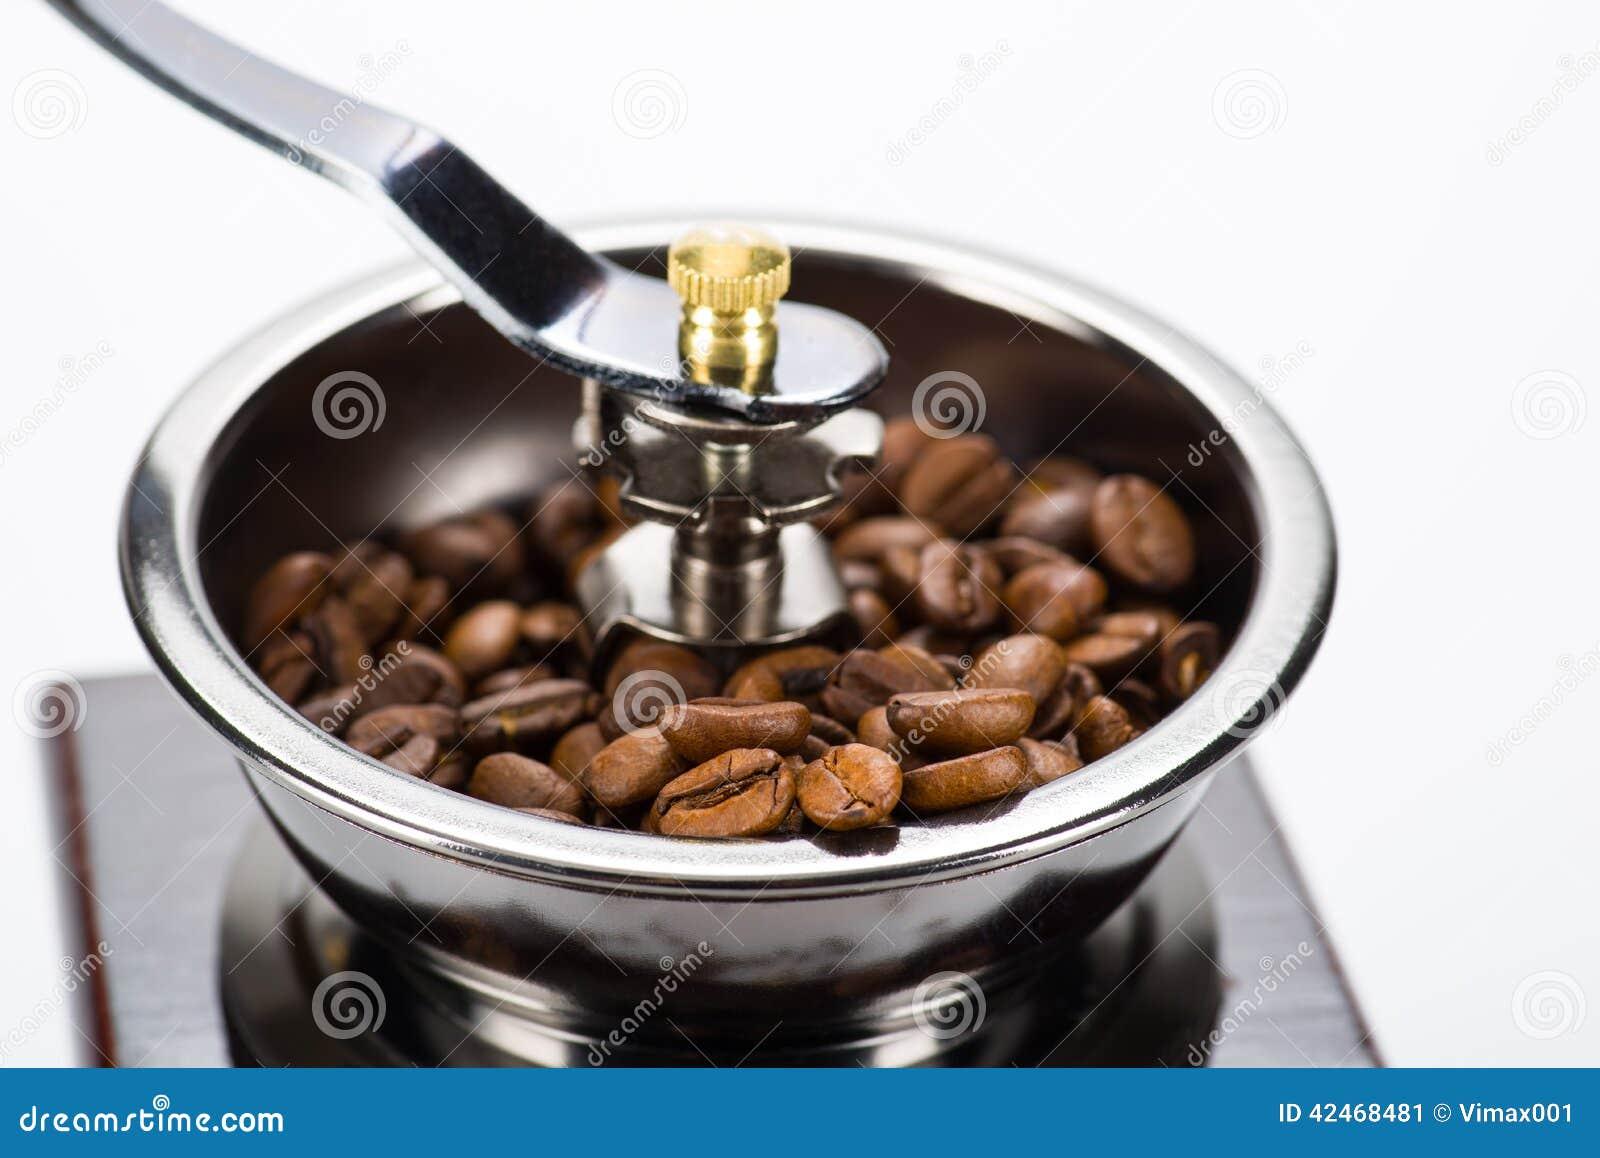 Teil der Kaffeemühle mit Fokus auf Bohnen